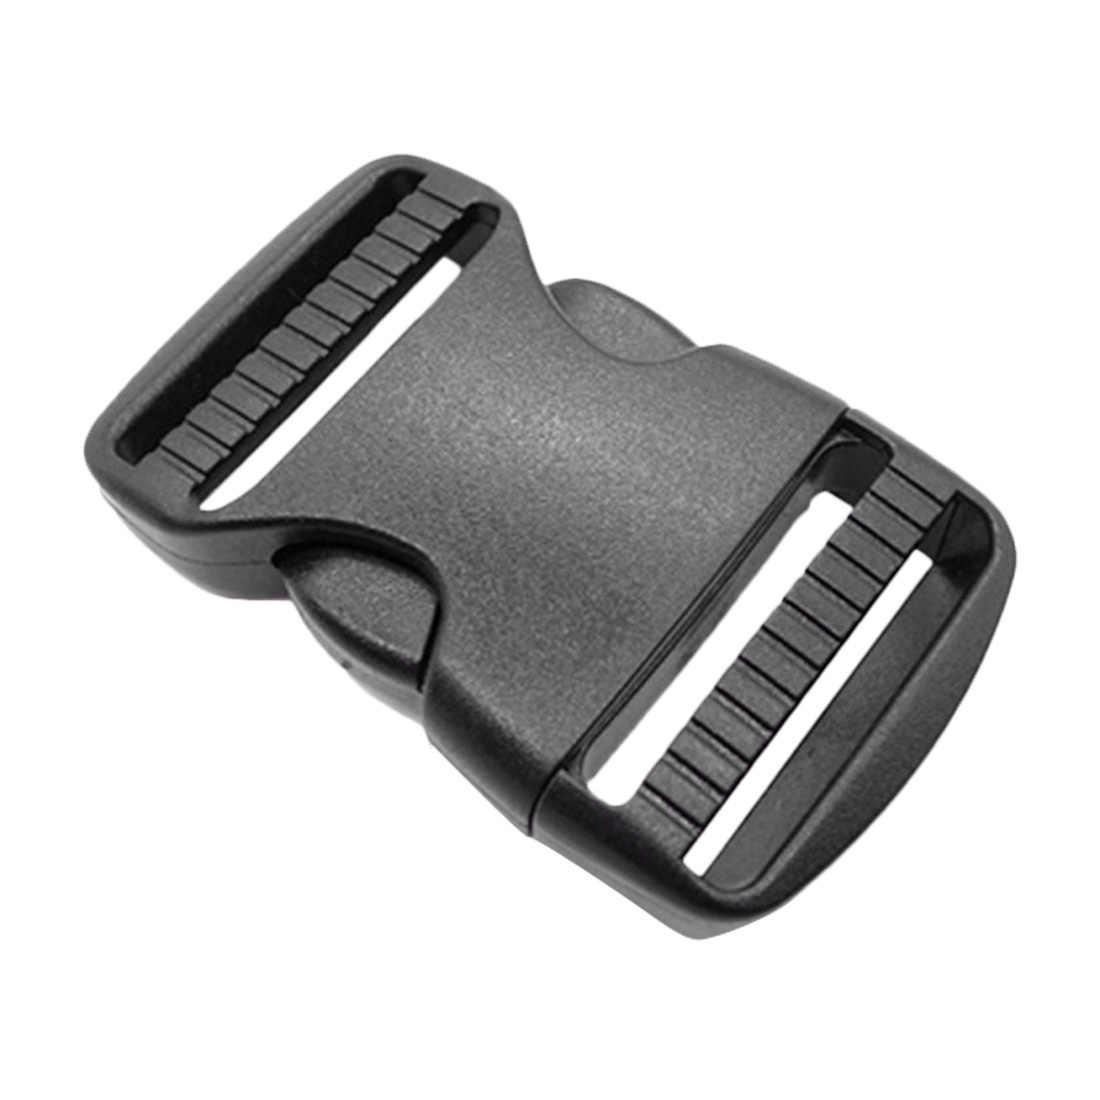 Черный пластиковый боковые регулировочные пряжки 38 мм двойной Регулируемый тактический рюкзак ремни для собак Свадебные аксессуары